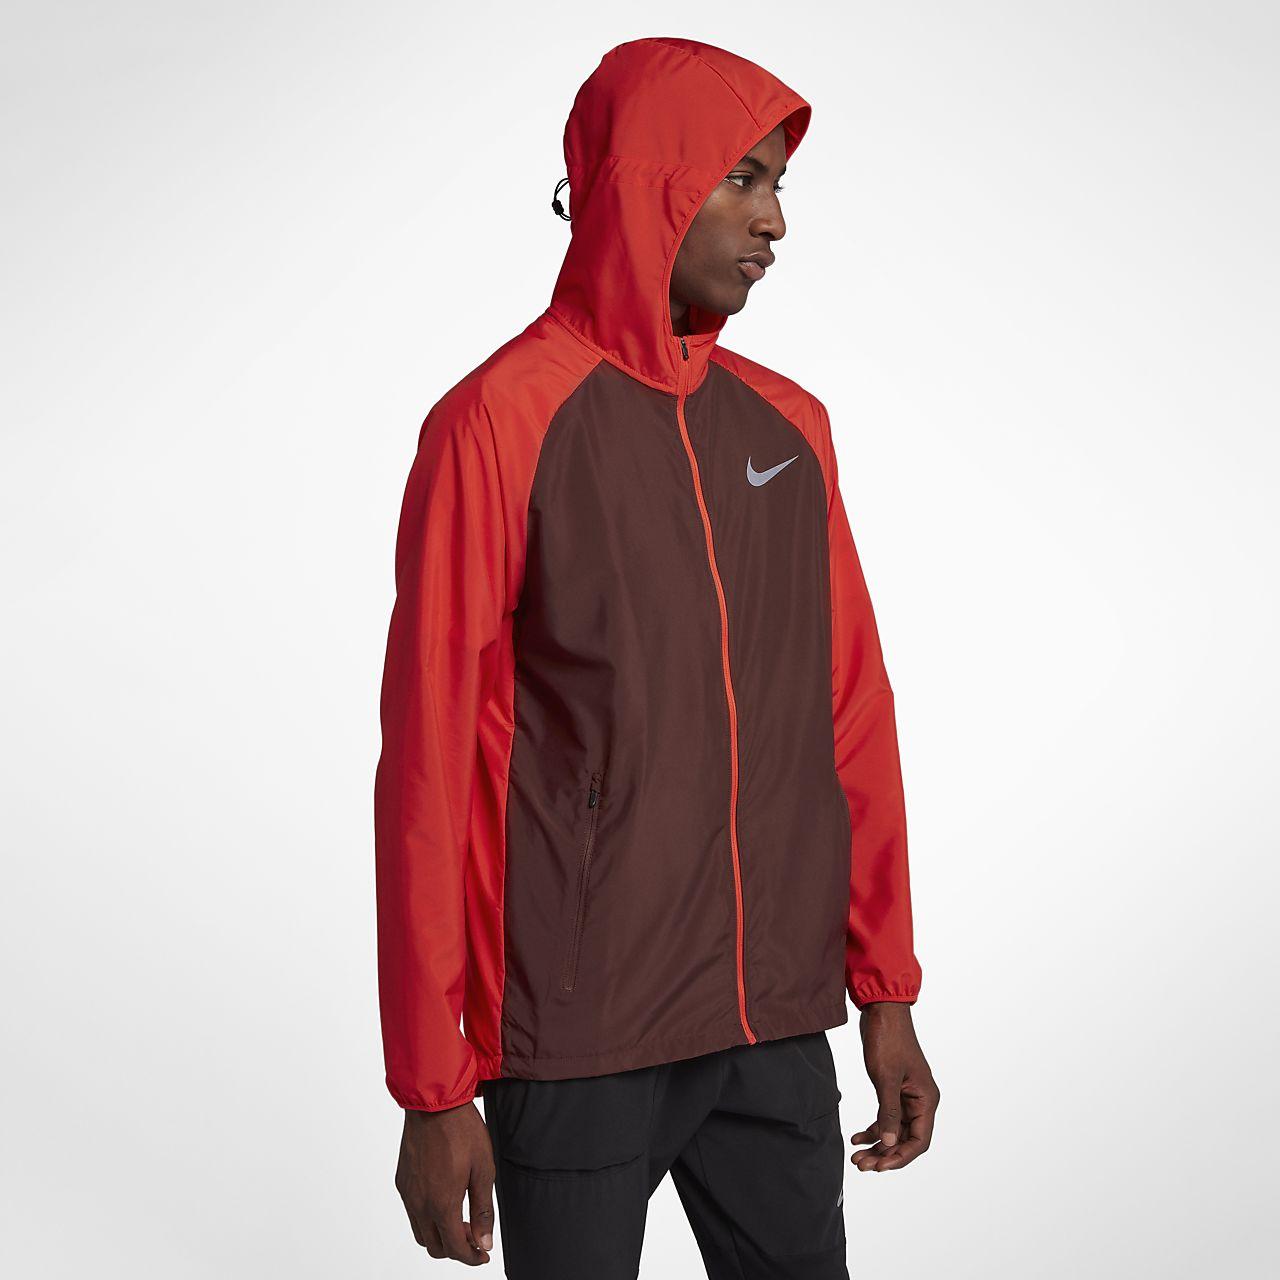 Nike Essential Running Hombre Chaqueta De zx4rwzqT0